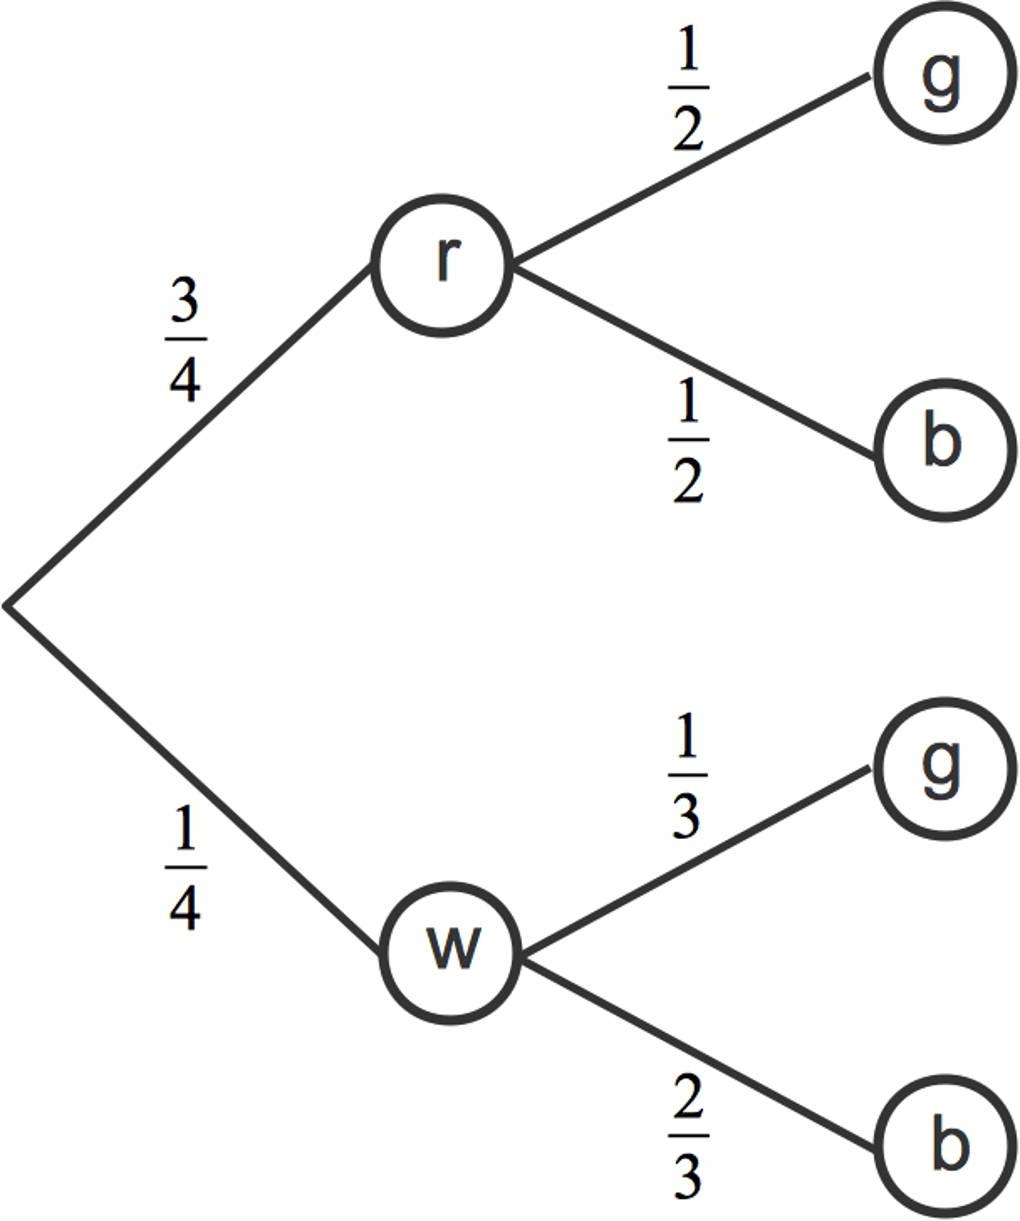 3064_Baumdiagramm.jpg